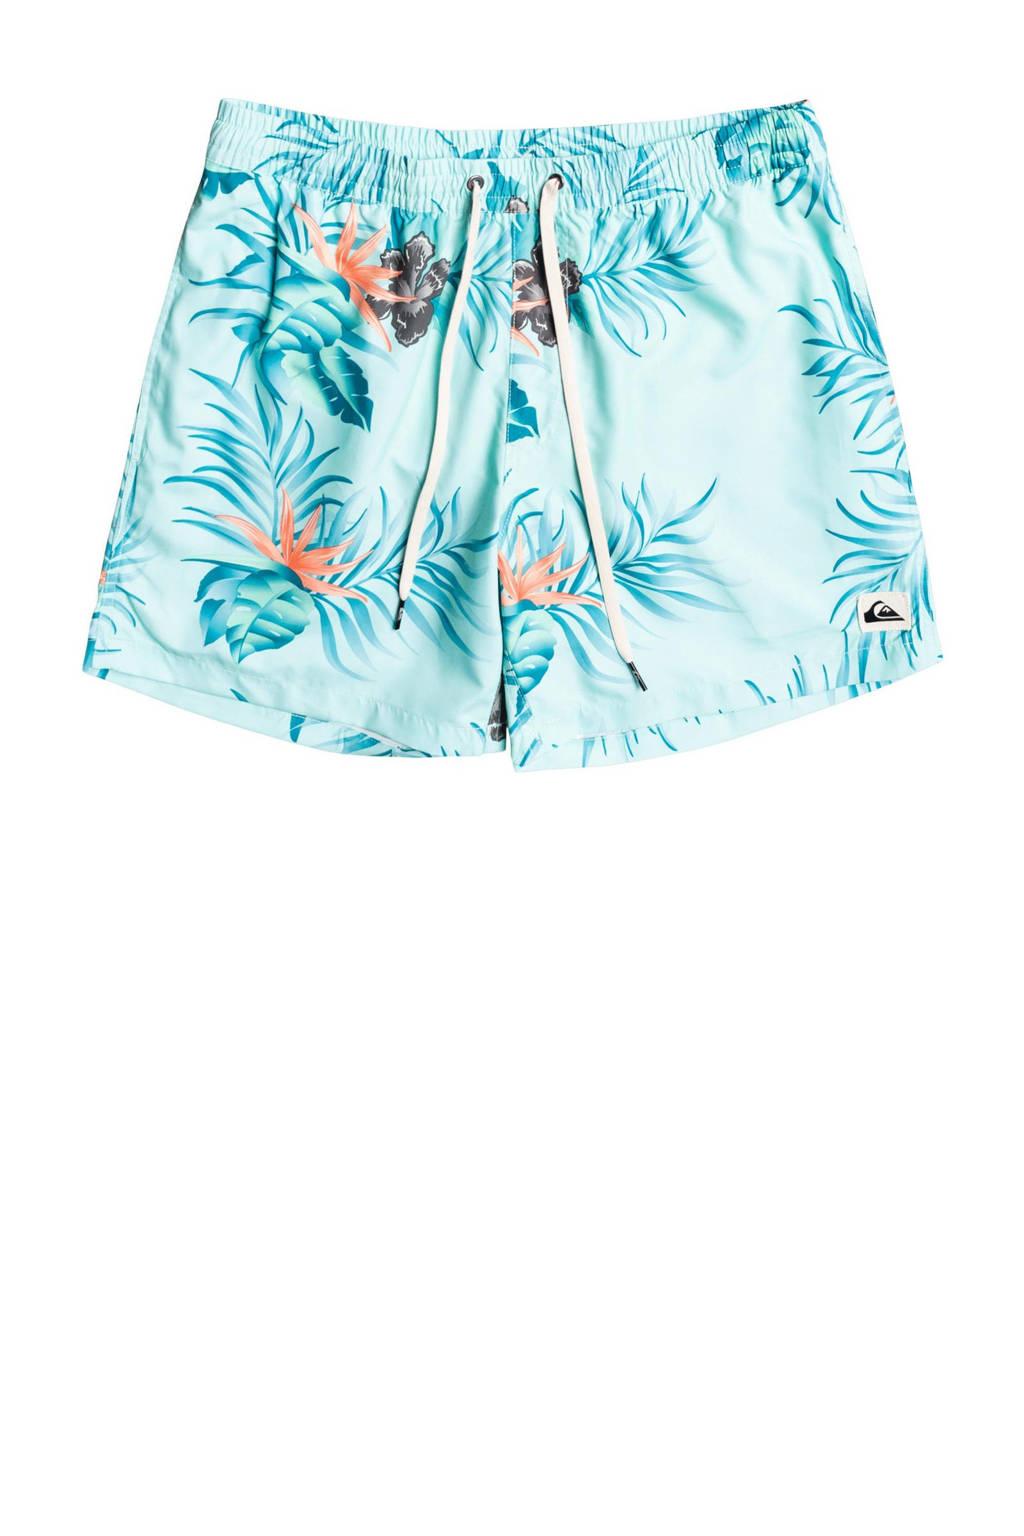 Quiksilver gebloemde zwemshort Paradise Express lichtblauw/turquoise, Lichtblauw/blauw